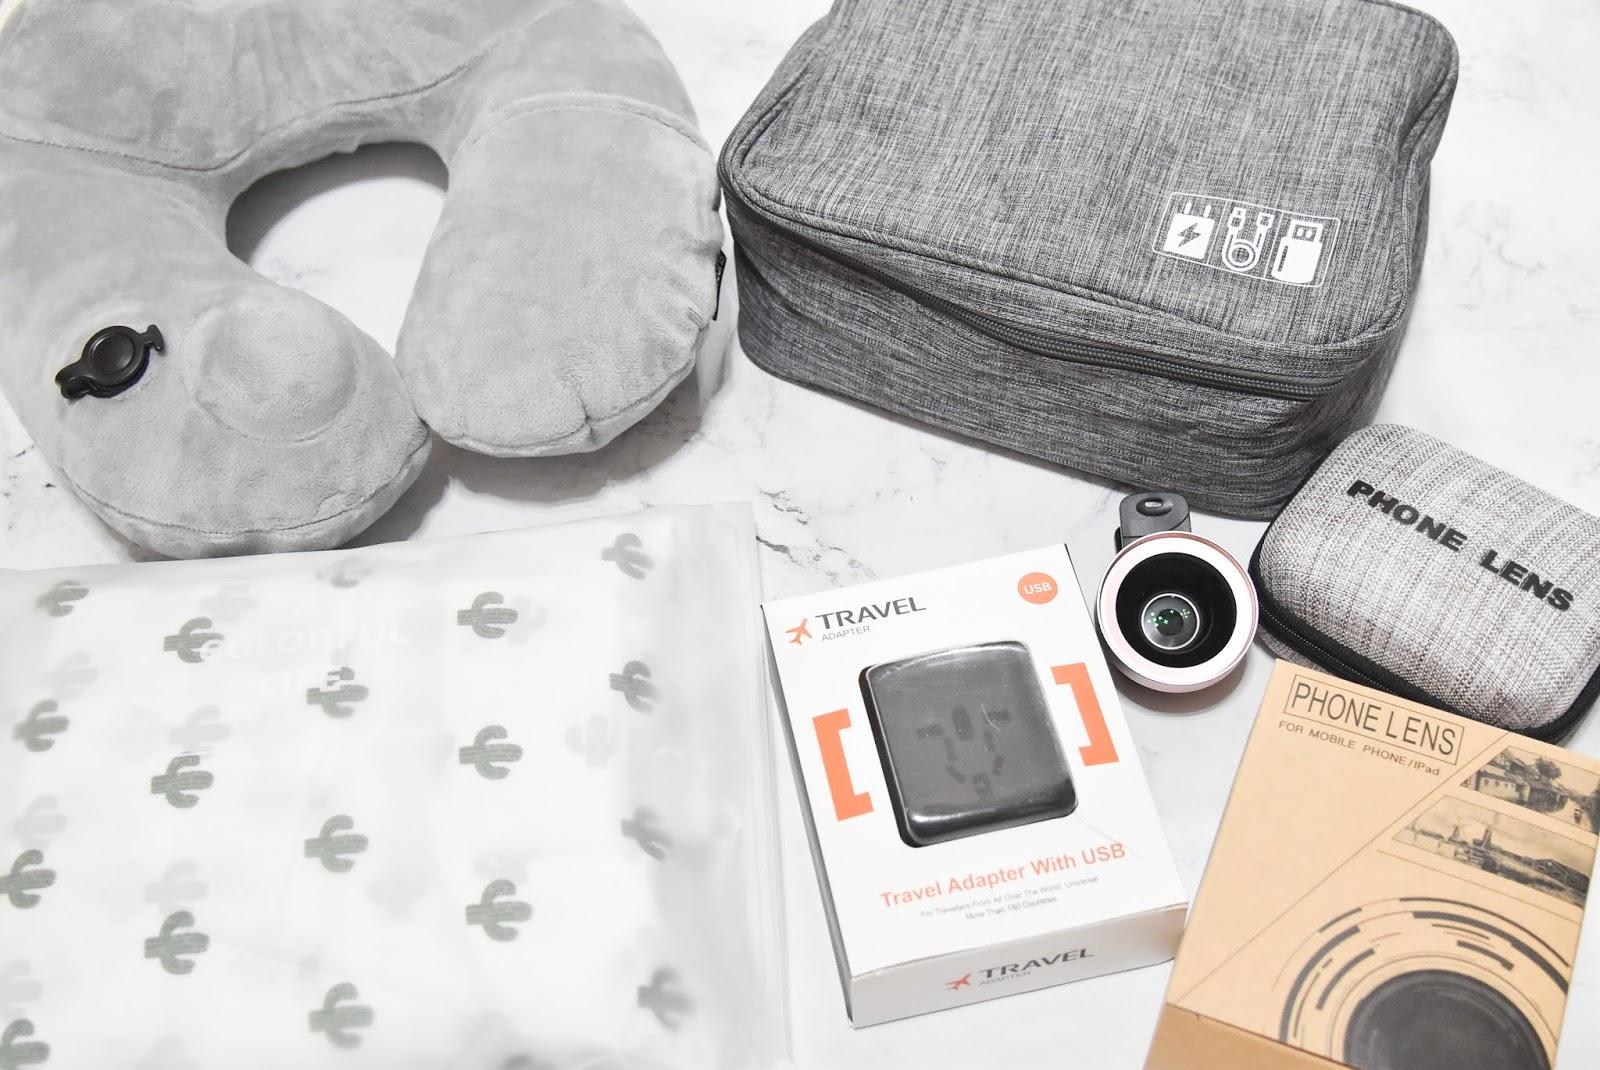 帶著完成「好旅行」—5樣旅行好物推薦,收納頸枕、手機廣角鏡⋯旅行用品一次搞定!